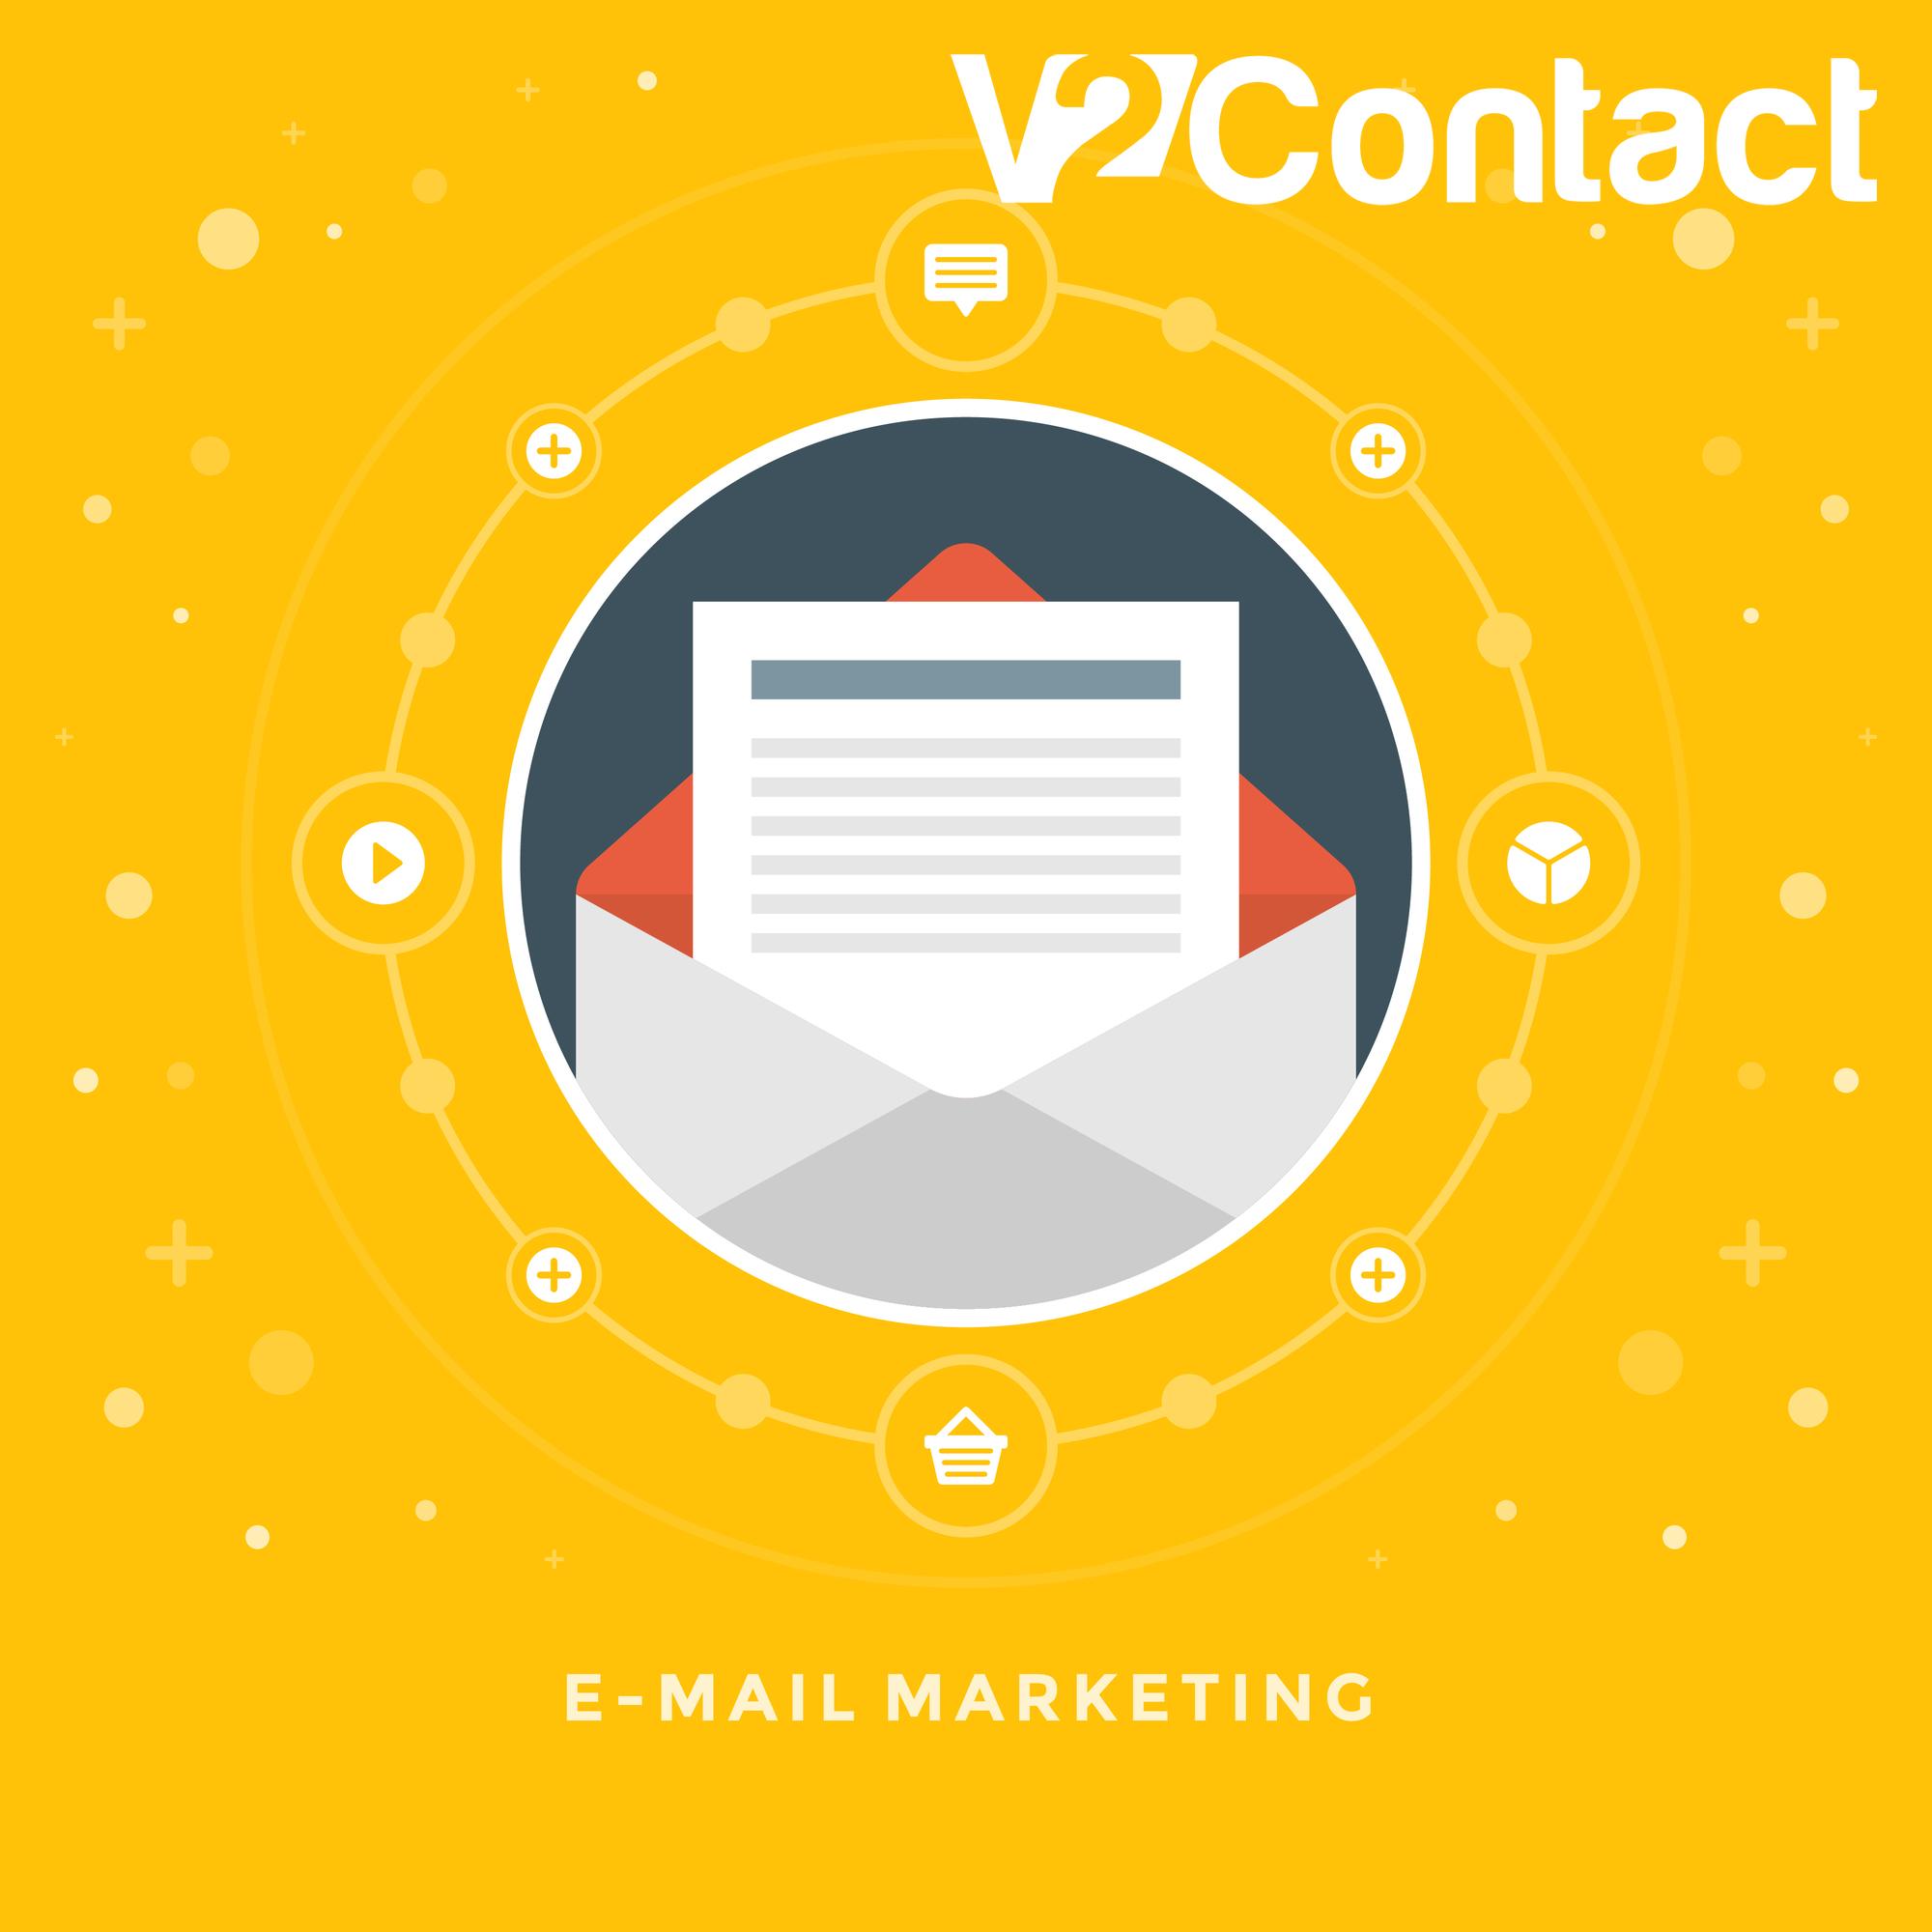 ¿Qué es el Email Marketing? Sus Ventajas & Beneficios